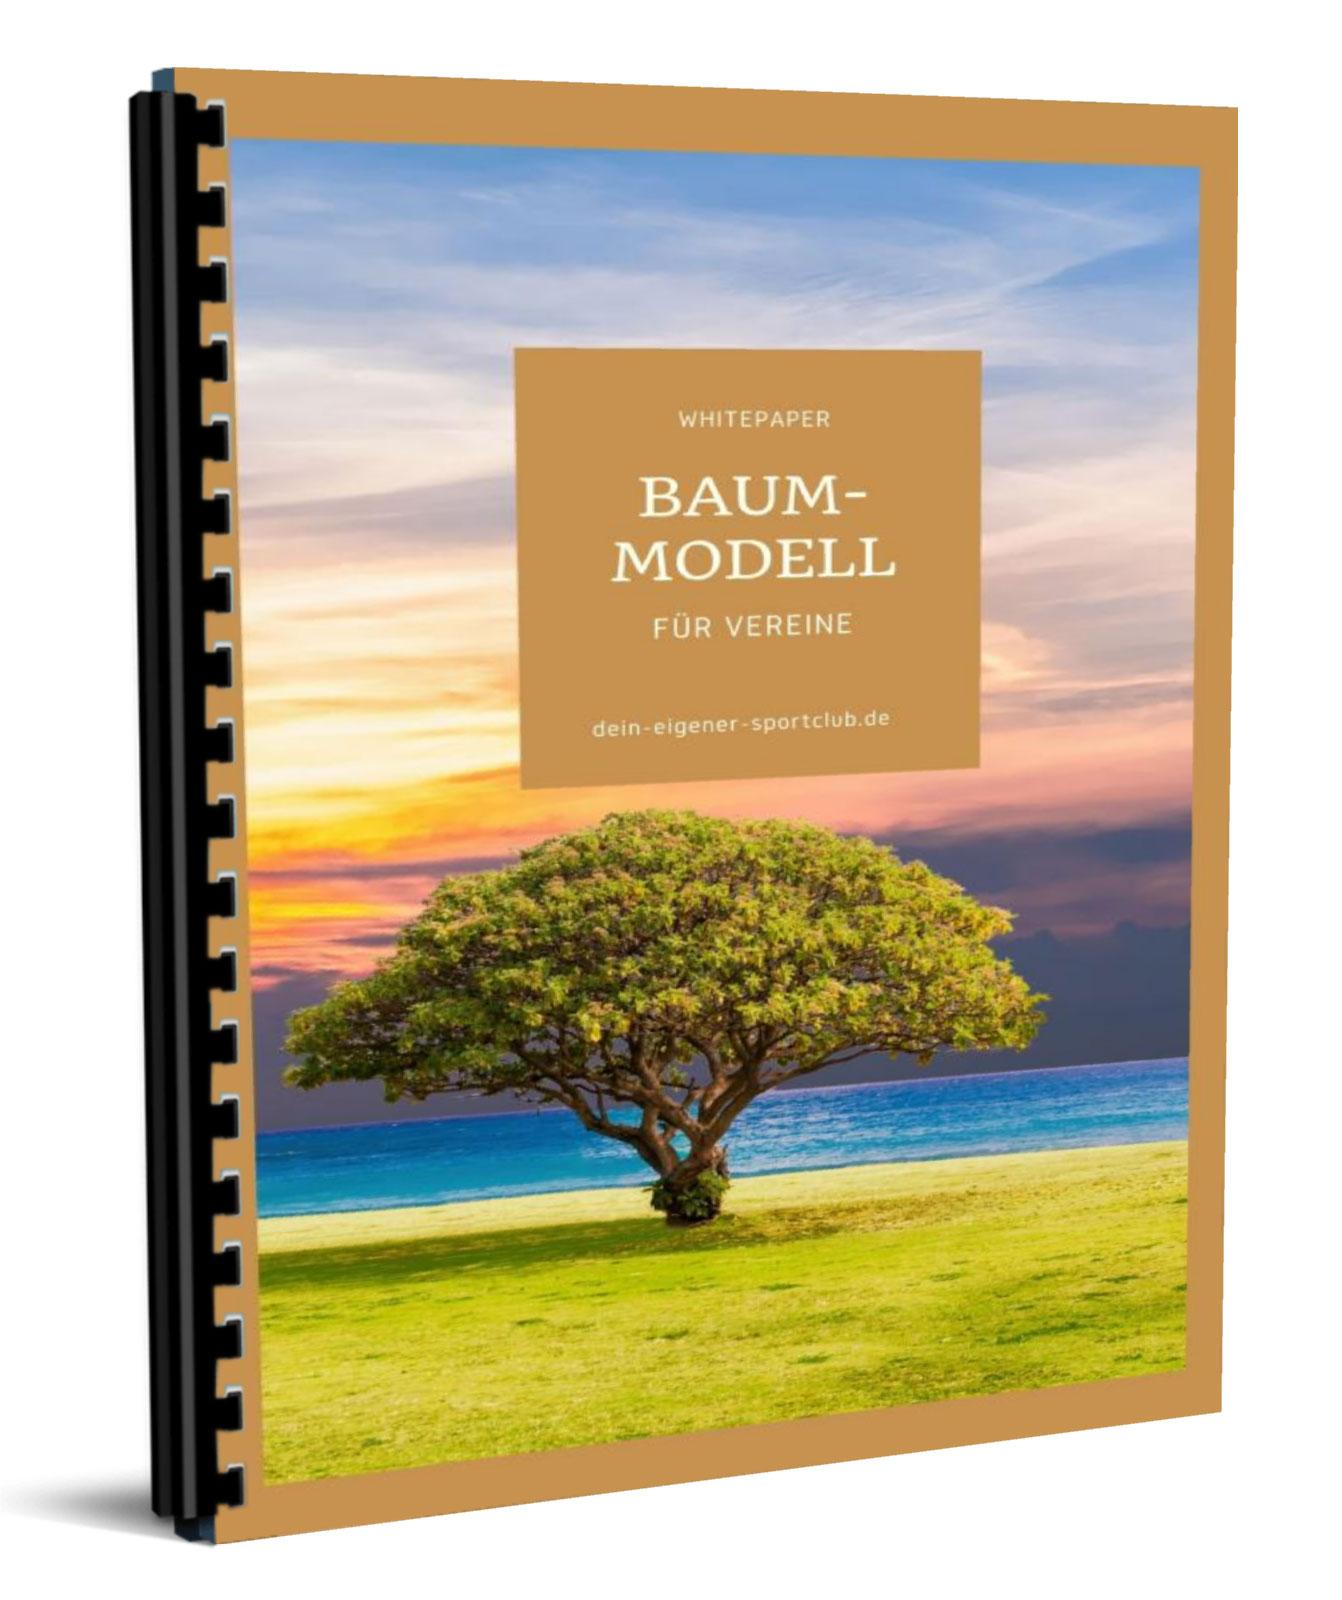 Baum-Modell-Cover